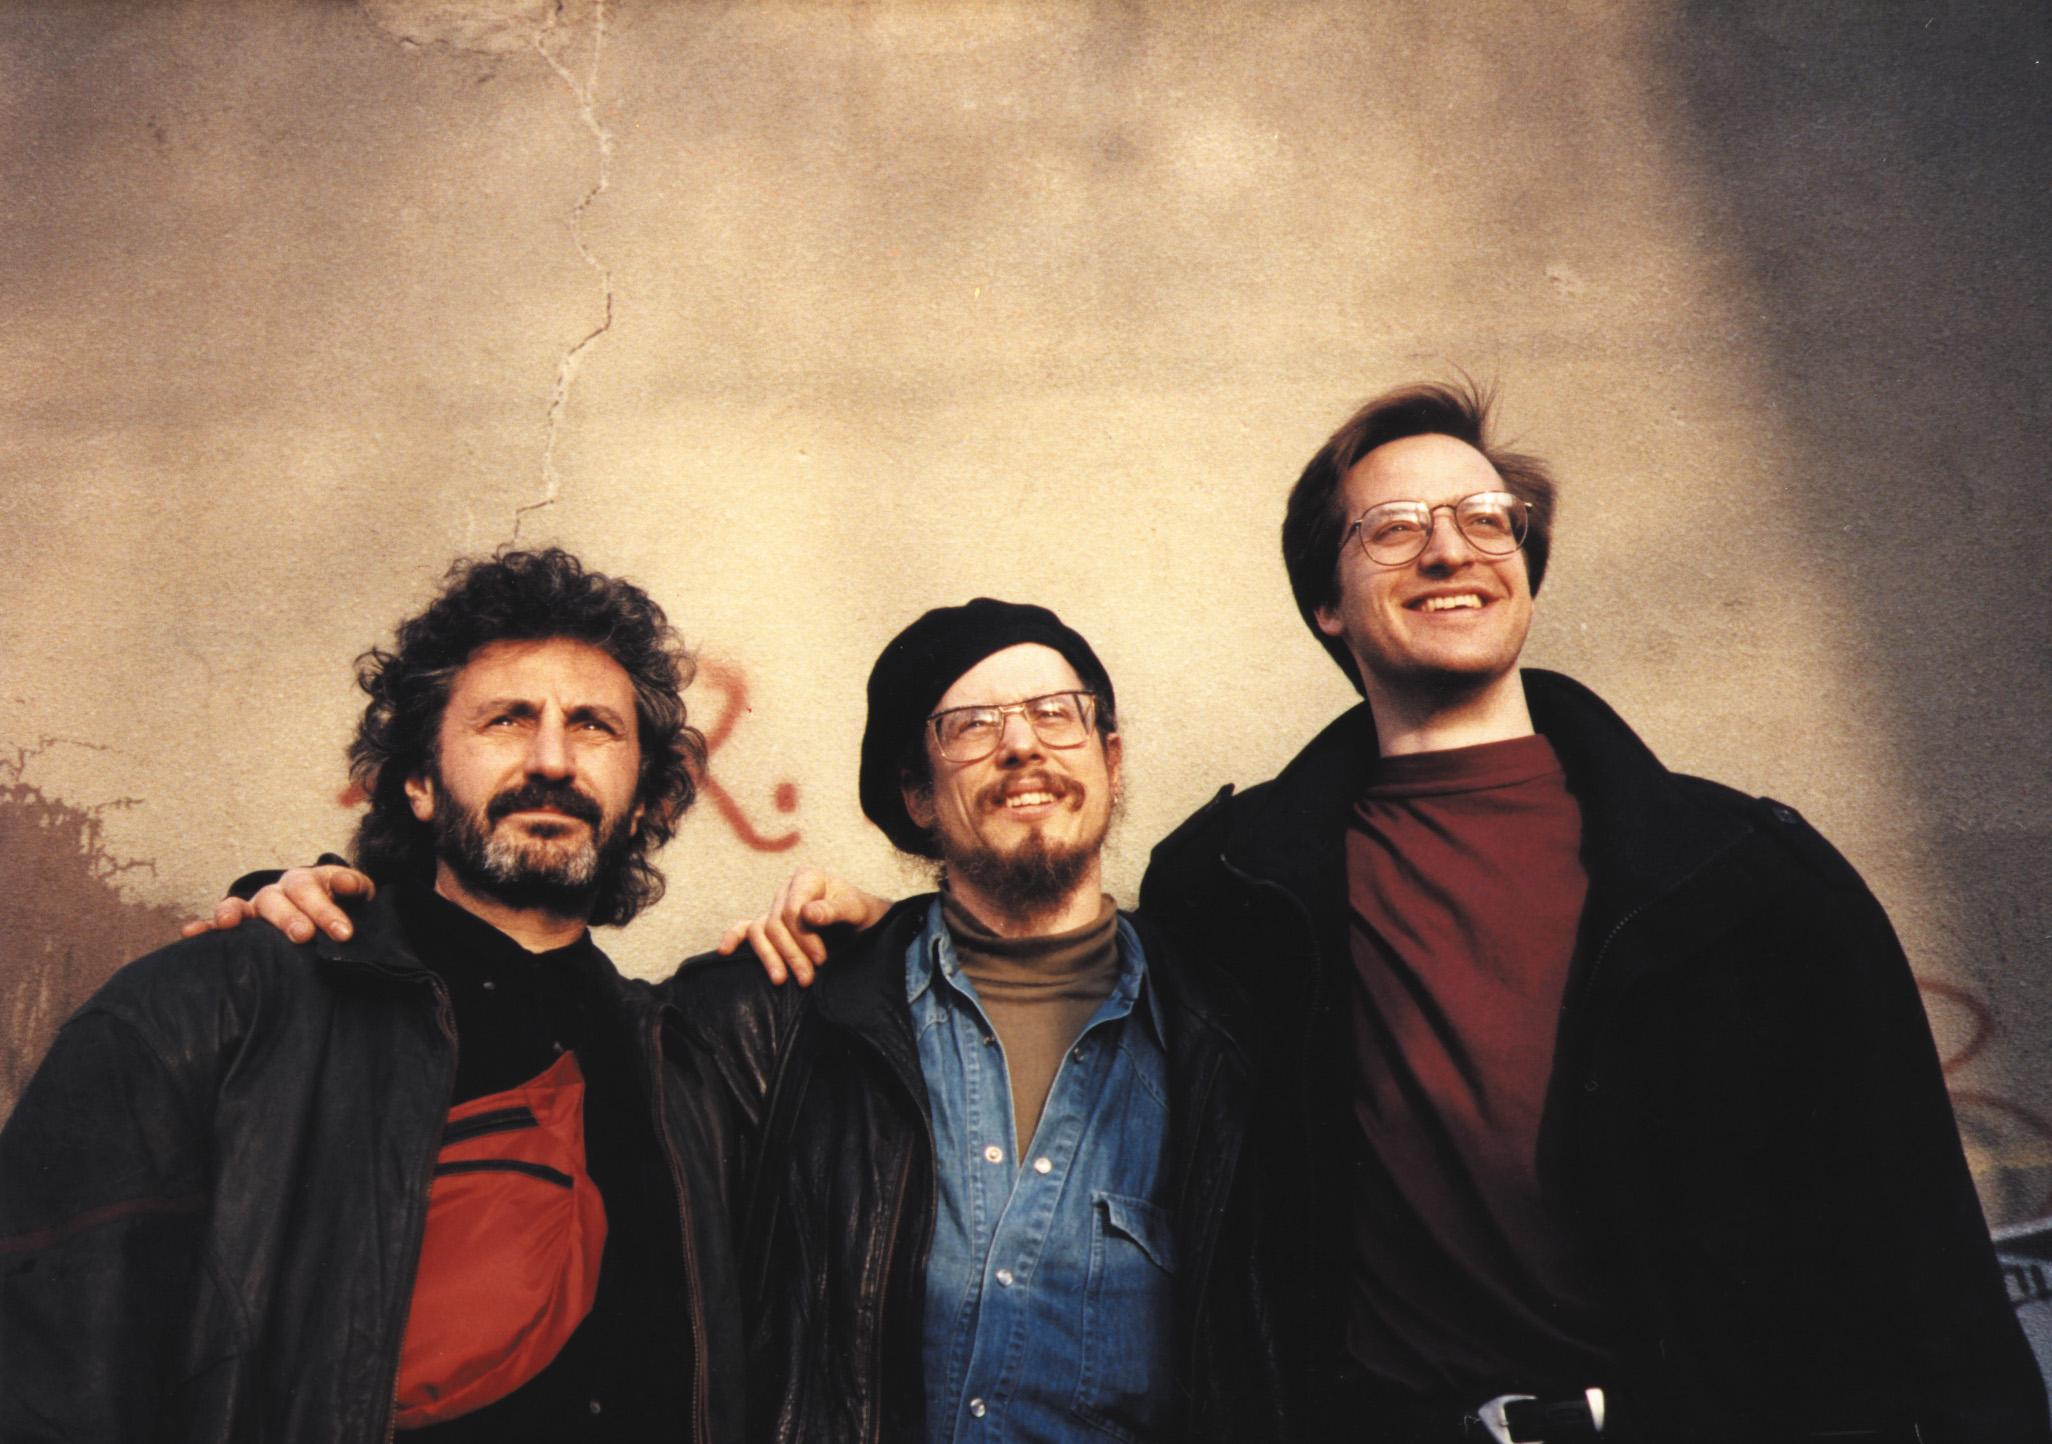 trio pose.jpg